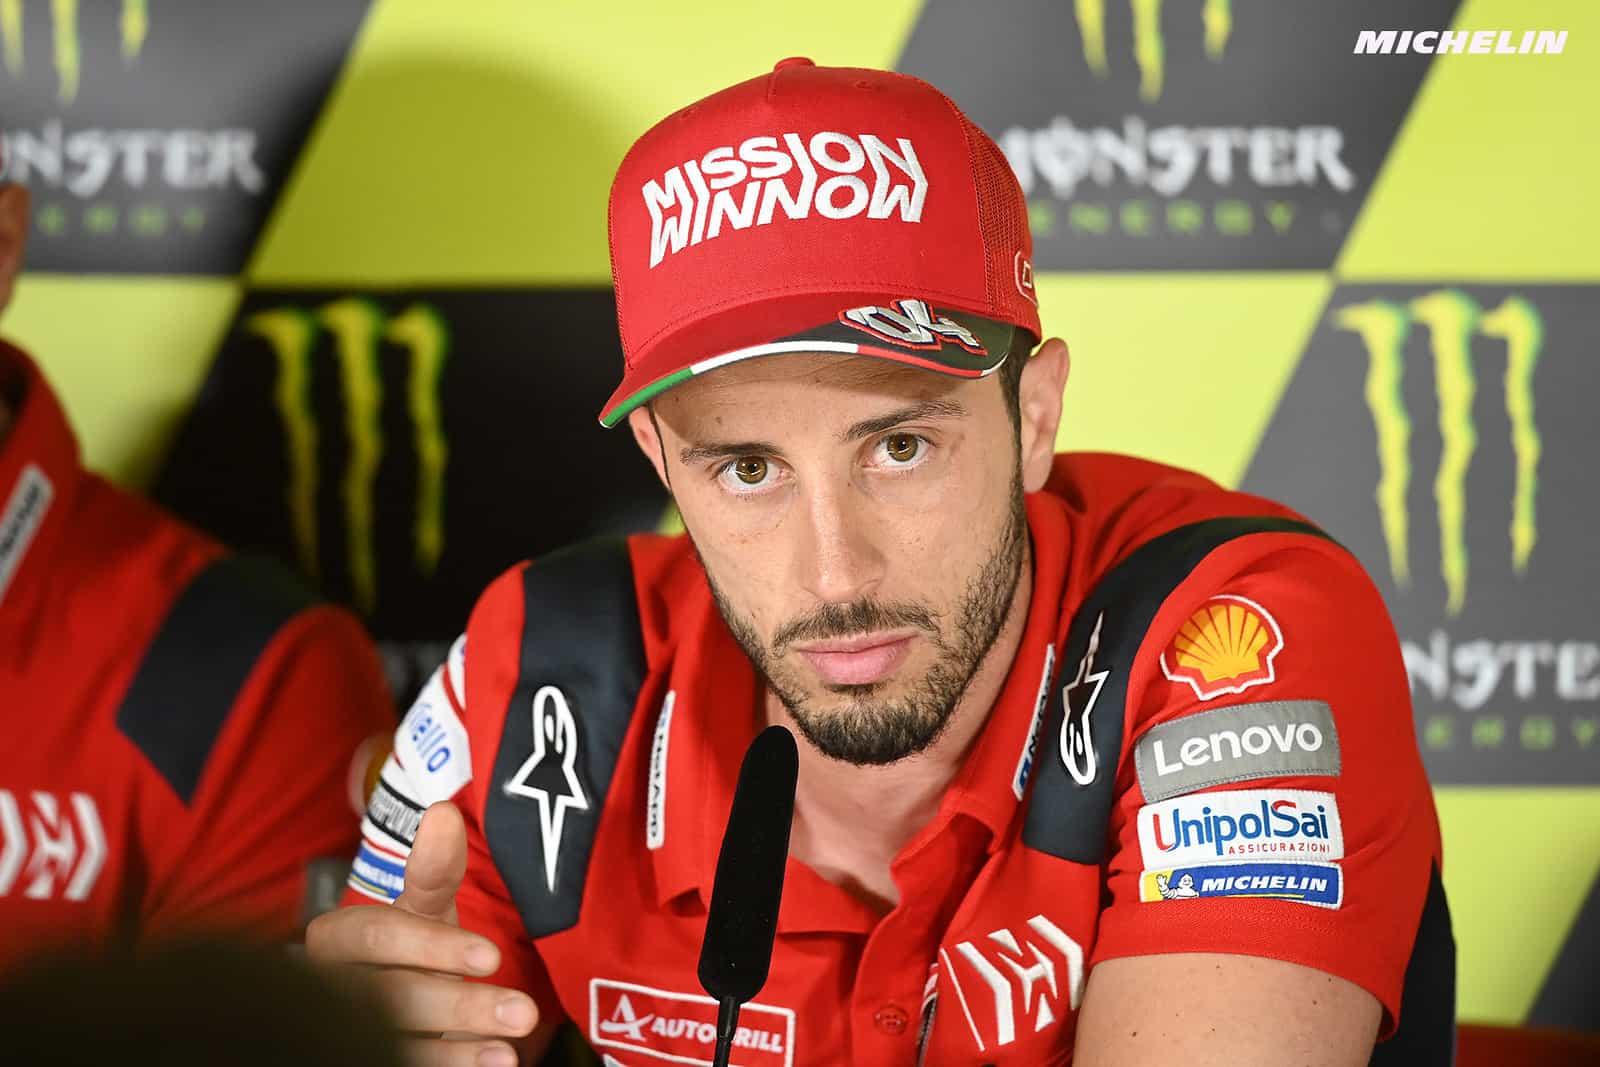 MotoGP2019カタルーニャGP ドヴィツィオーゾ「チャンピオンシップでマルケスと戦うには優勝が必要」